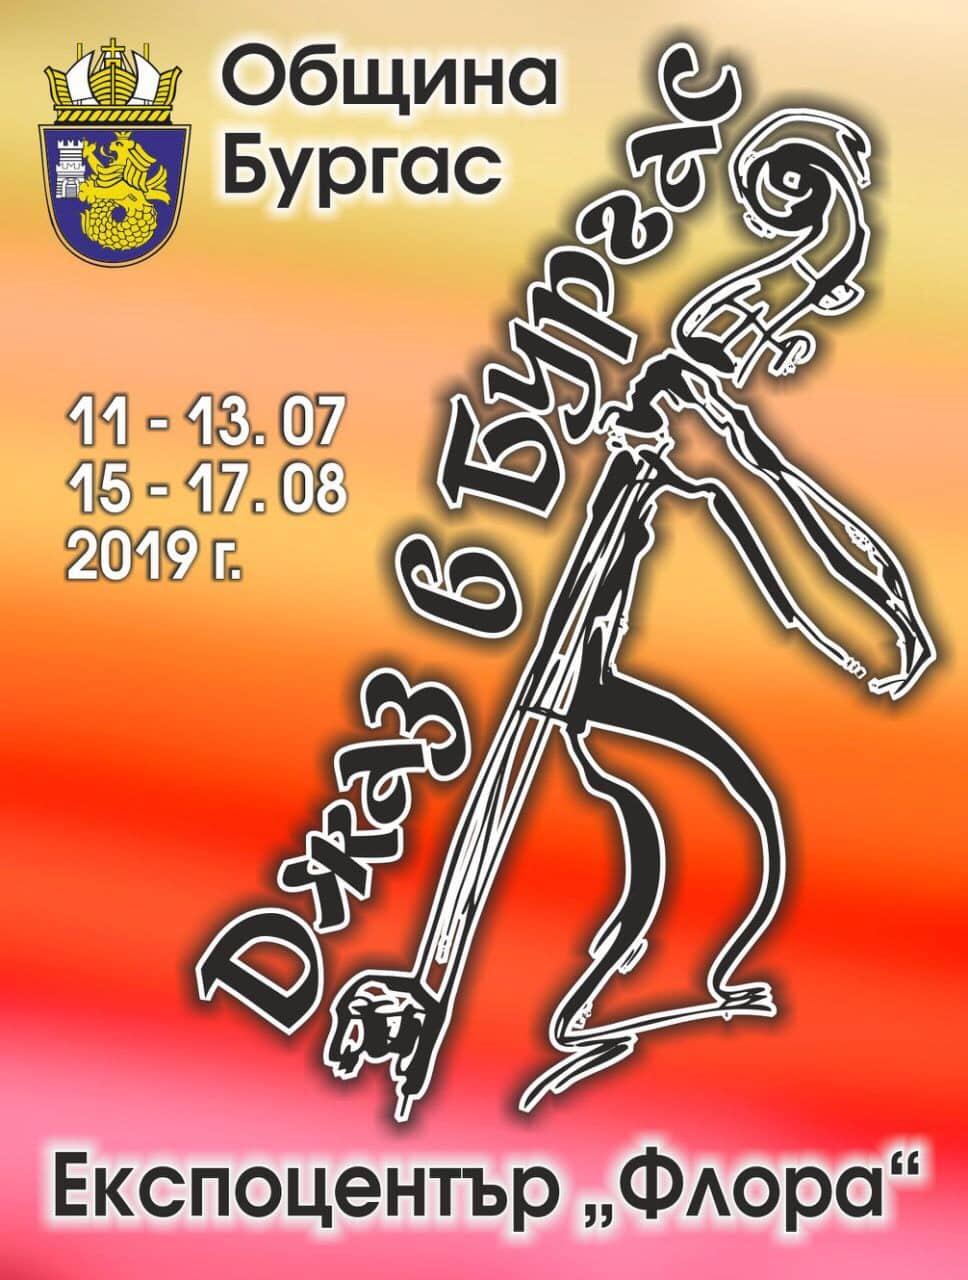 Уникален фестивал събира 100 музиканти от 8 държави в Бургас